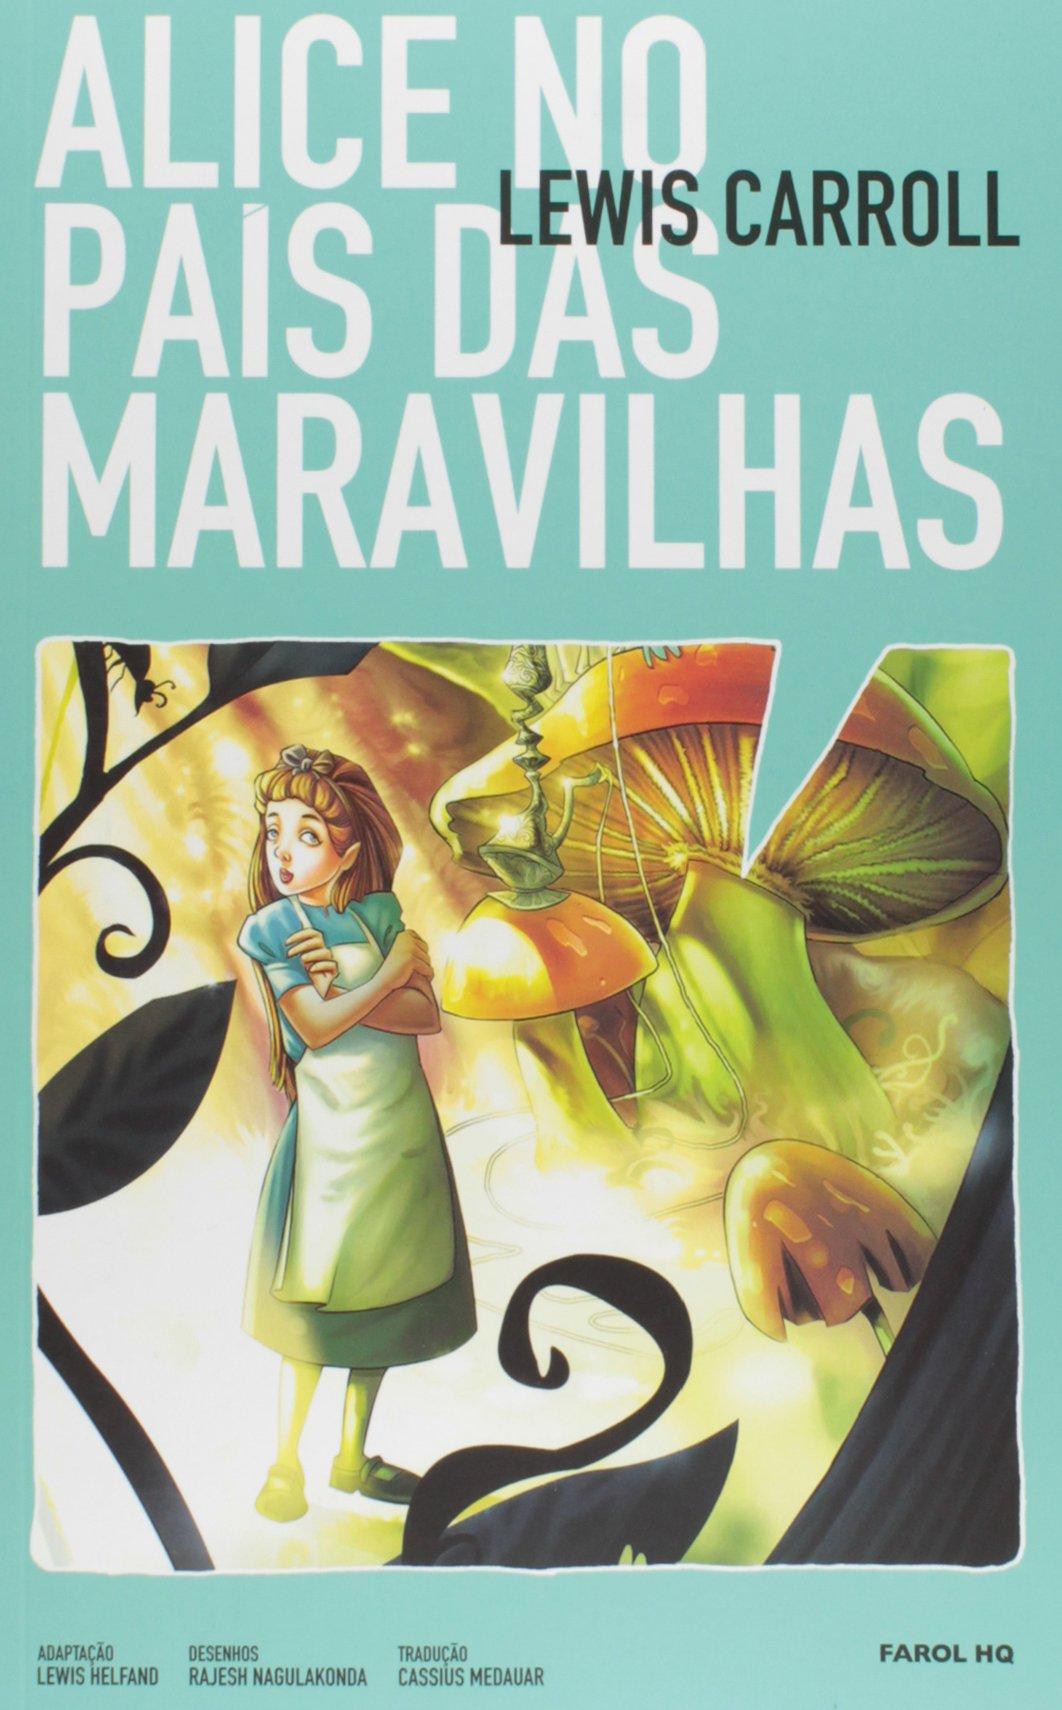 Alice No Pais Das Maravilhas Volume 1 Colecao Farol Hq Em